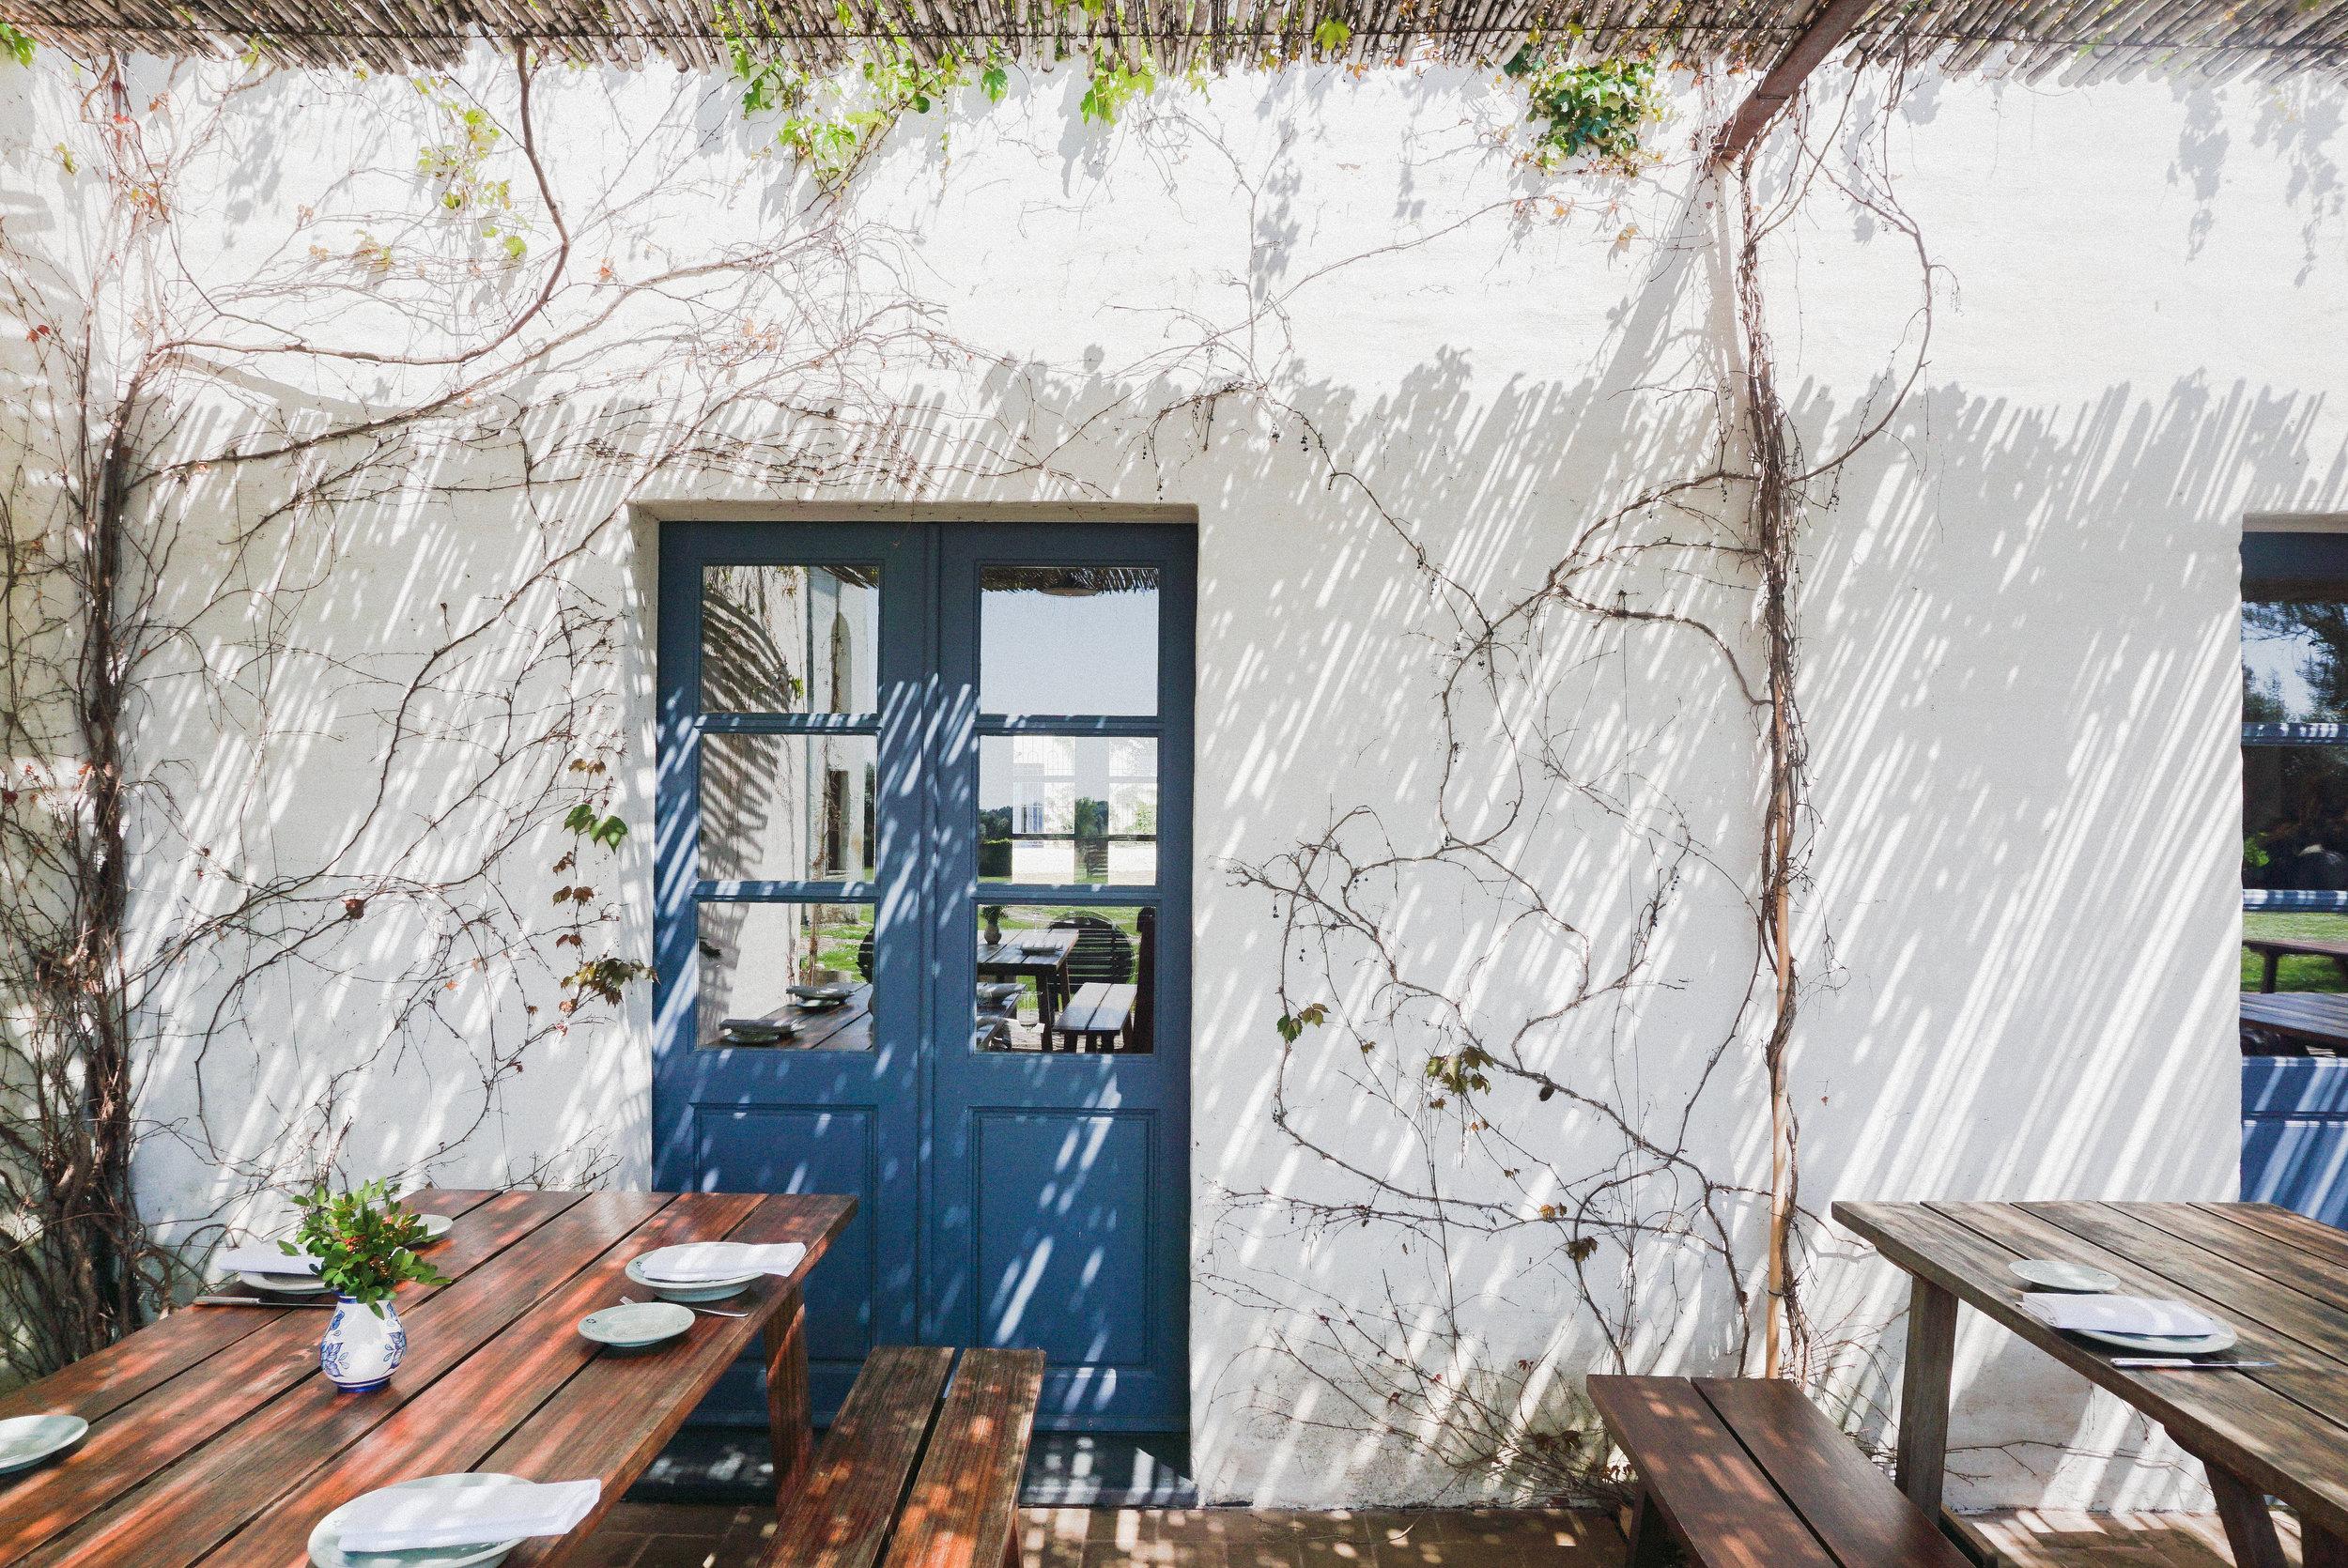 farmhouse in portugal-abbie-moulton.jpg